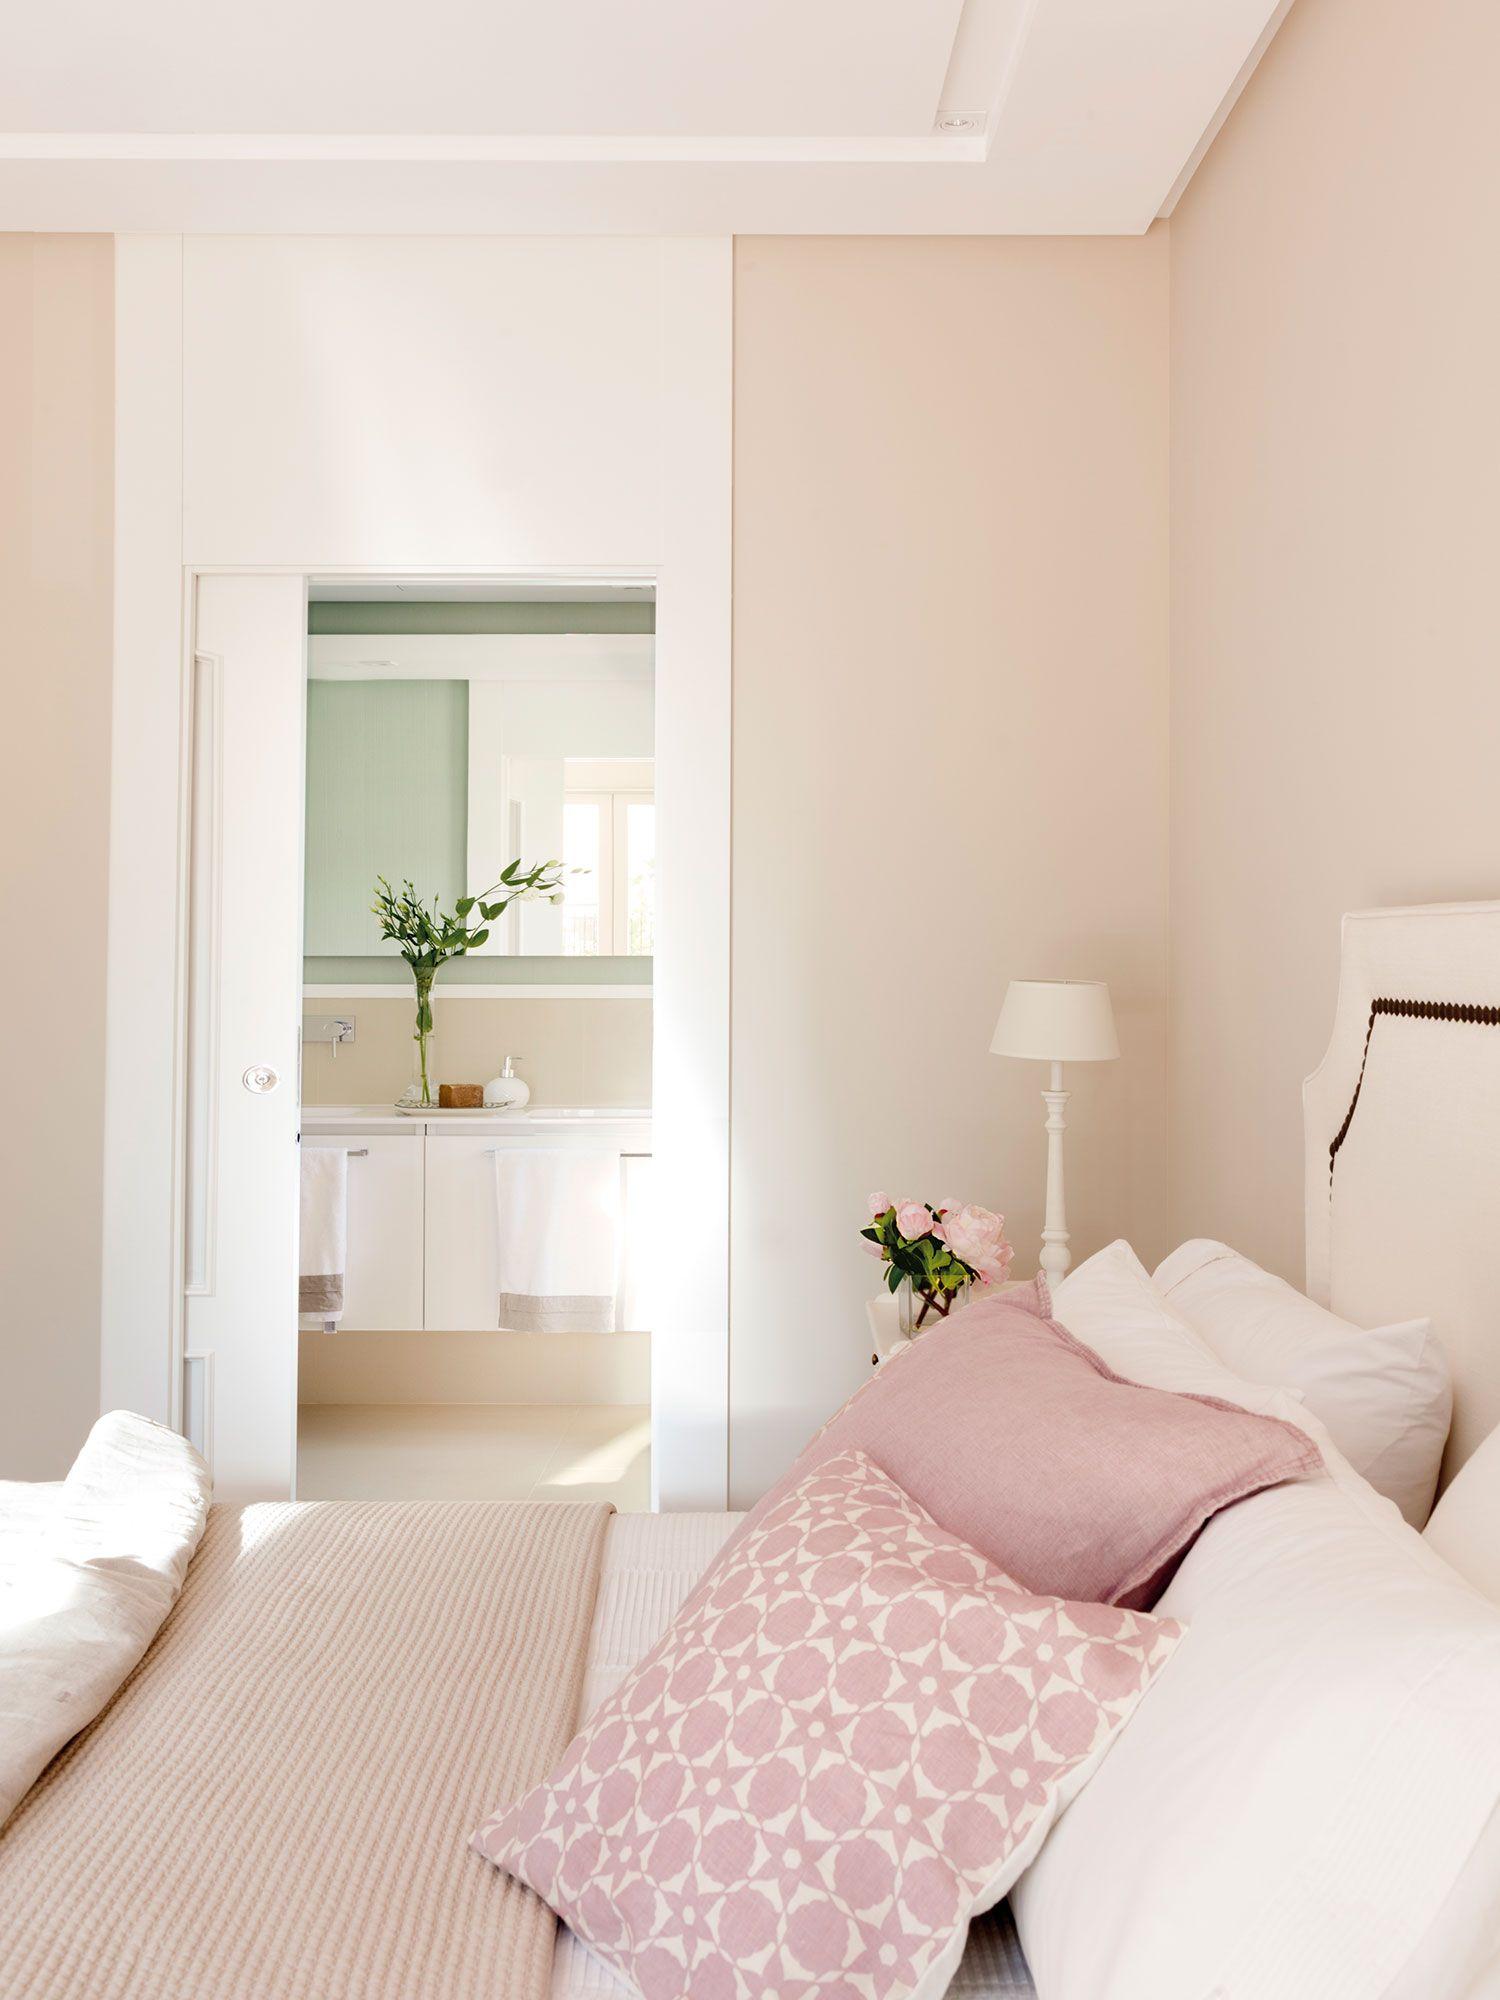 El poder los cojines | Dormitorios, Decoracion de interiores